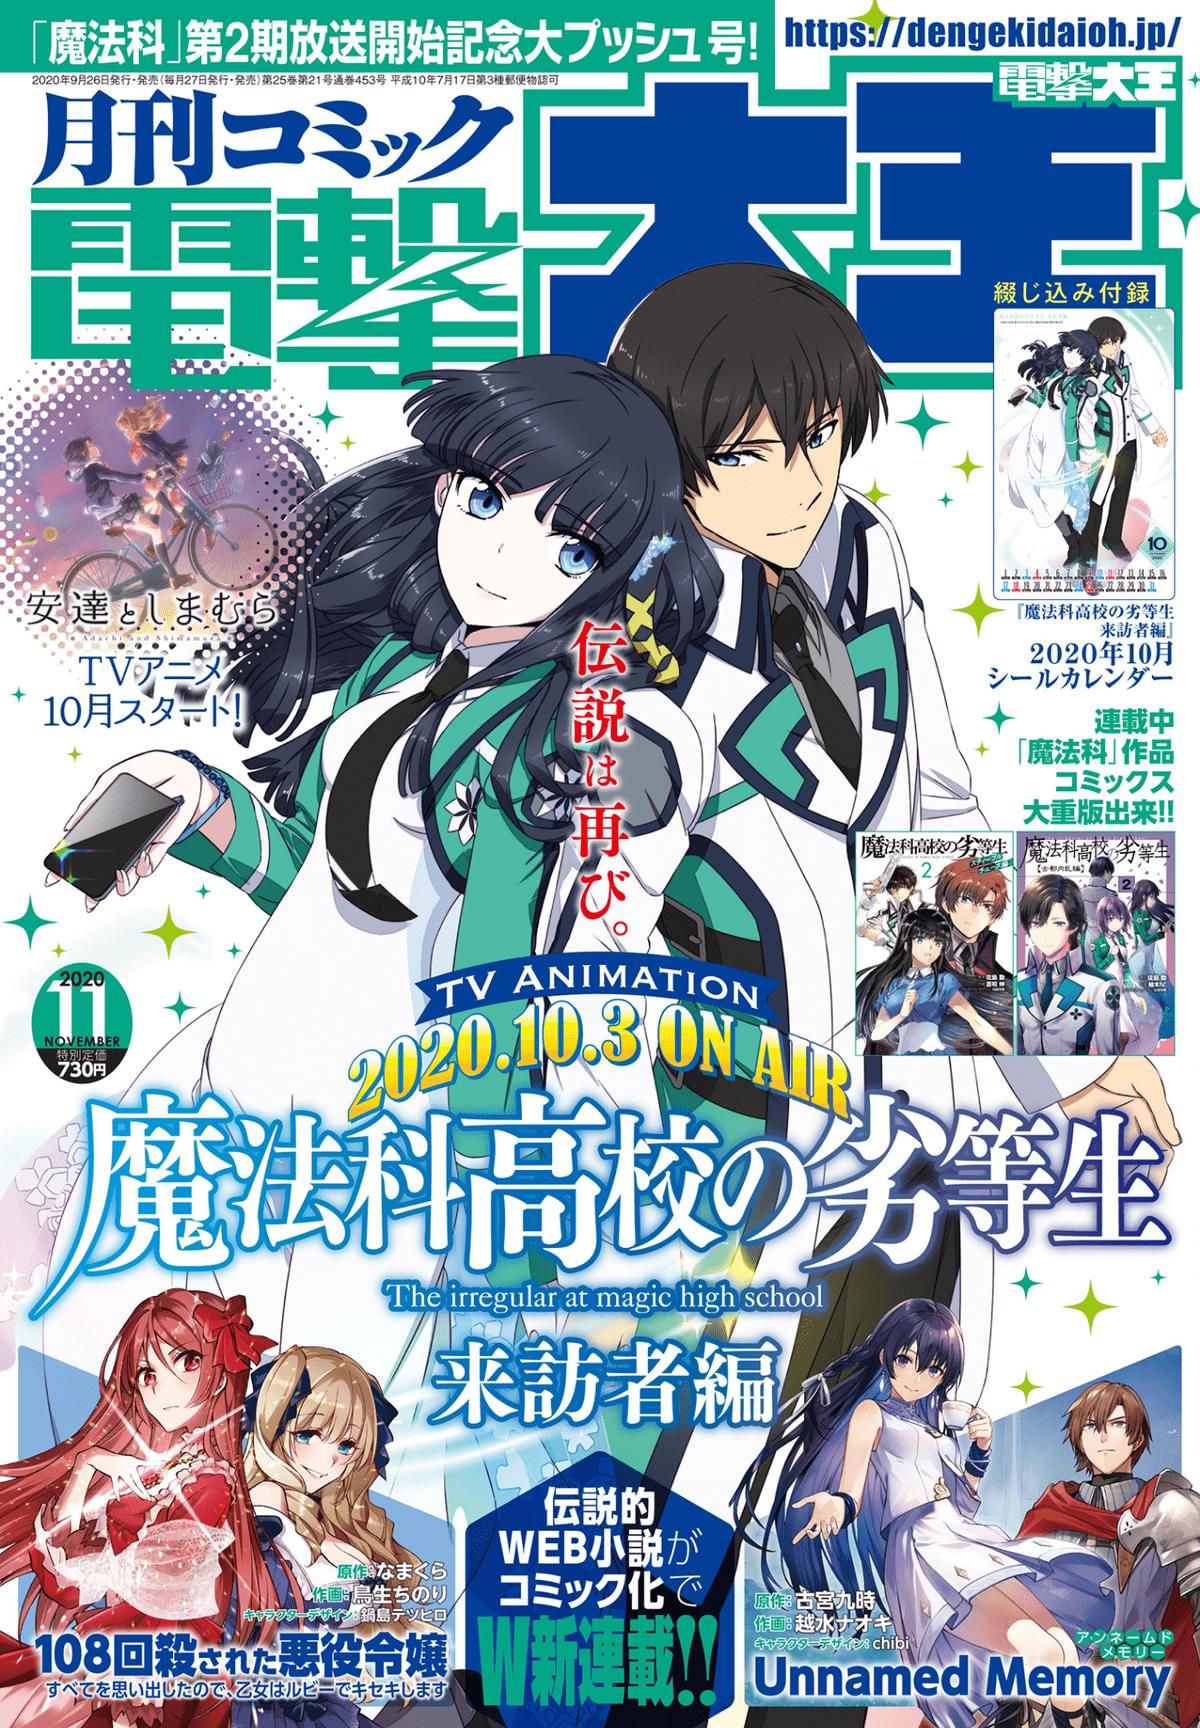 月刊コミック電撃大王公式サイト